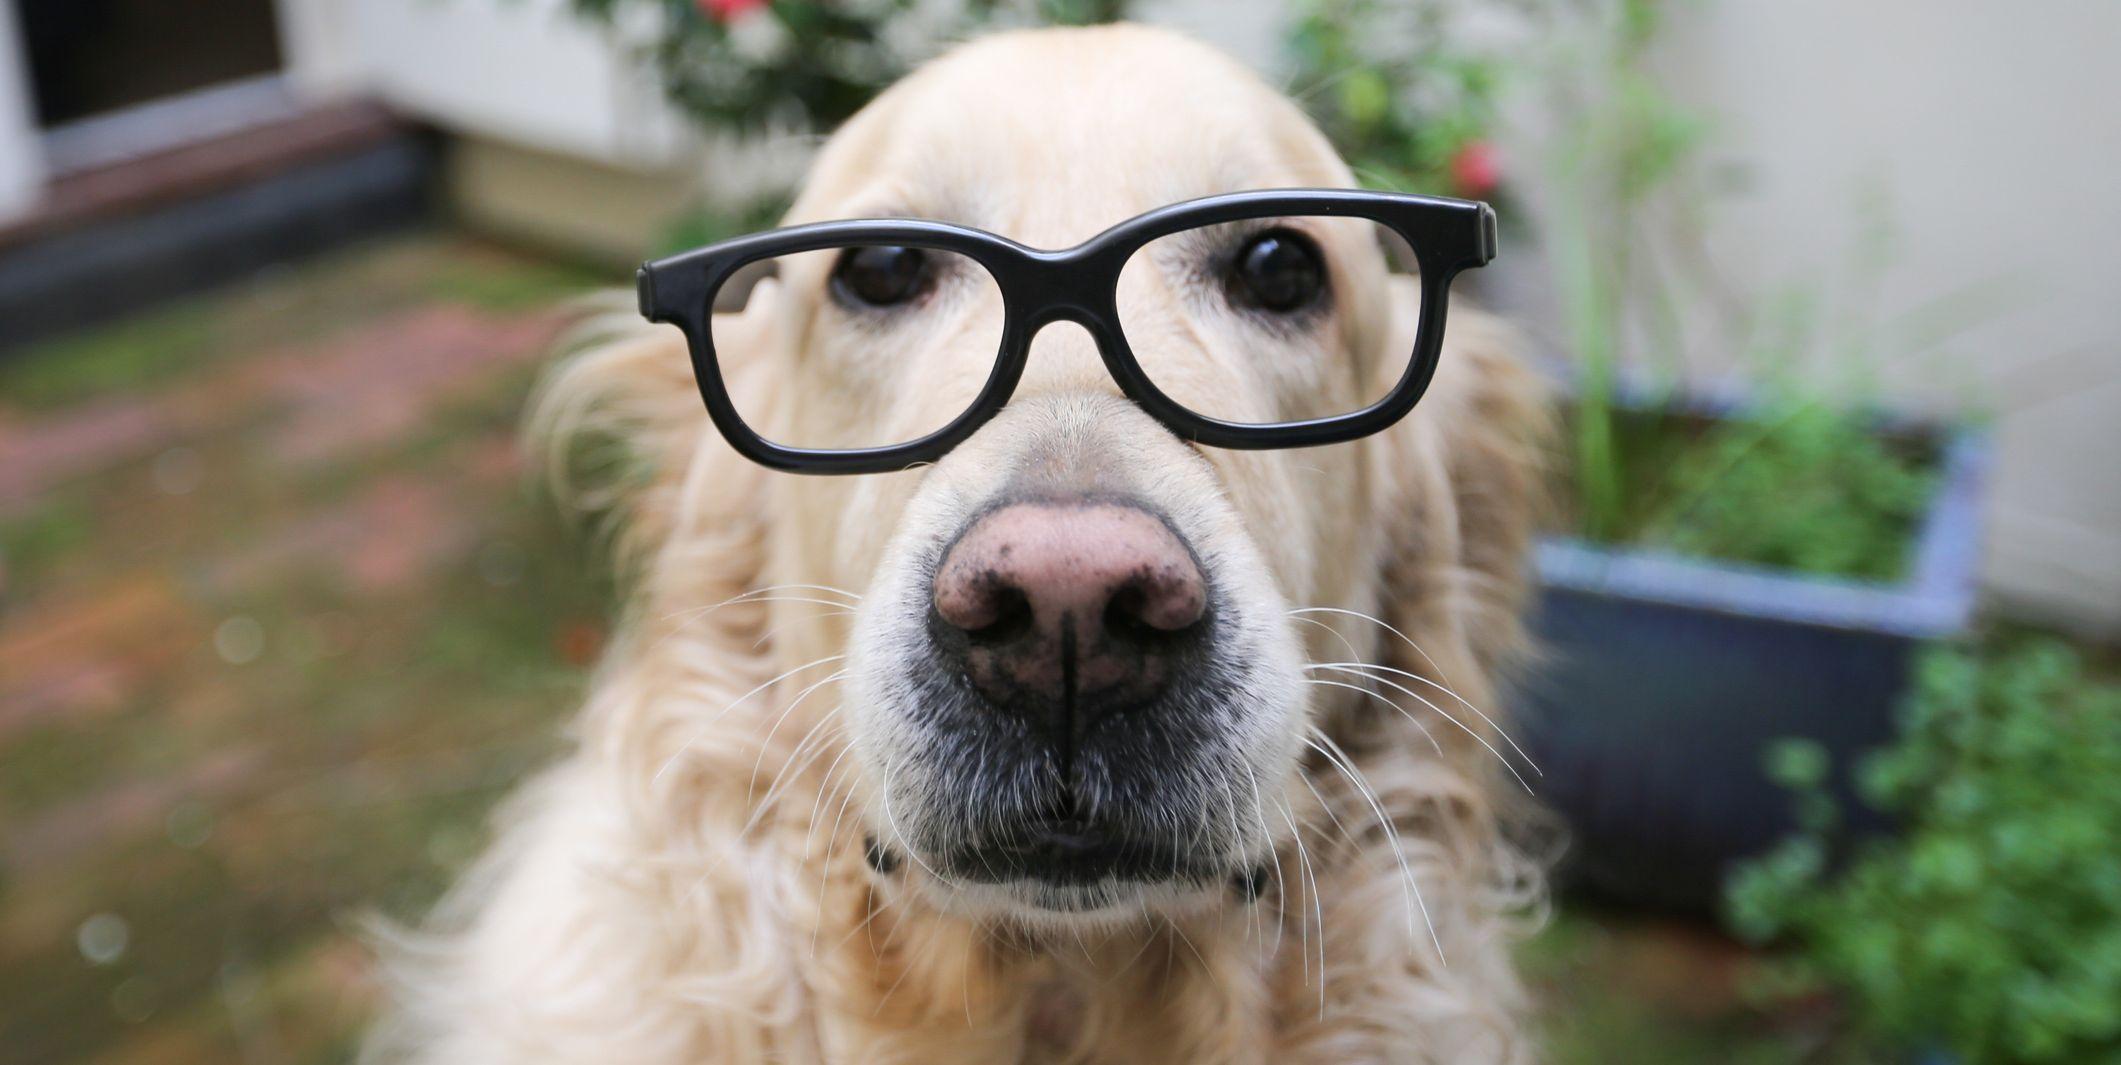 The Top 15 Smartest Dog Breeds